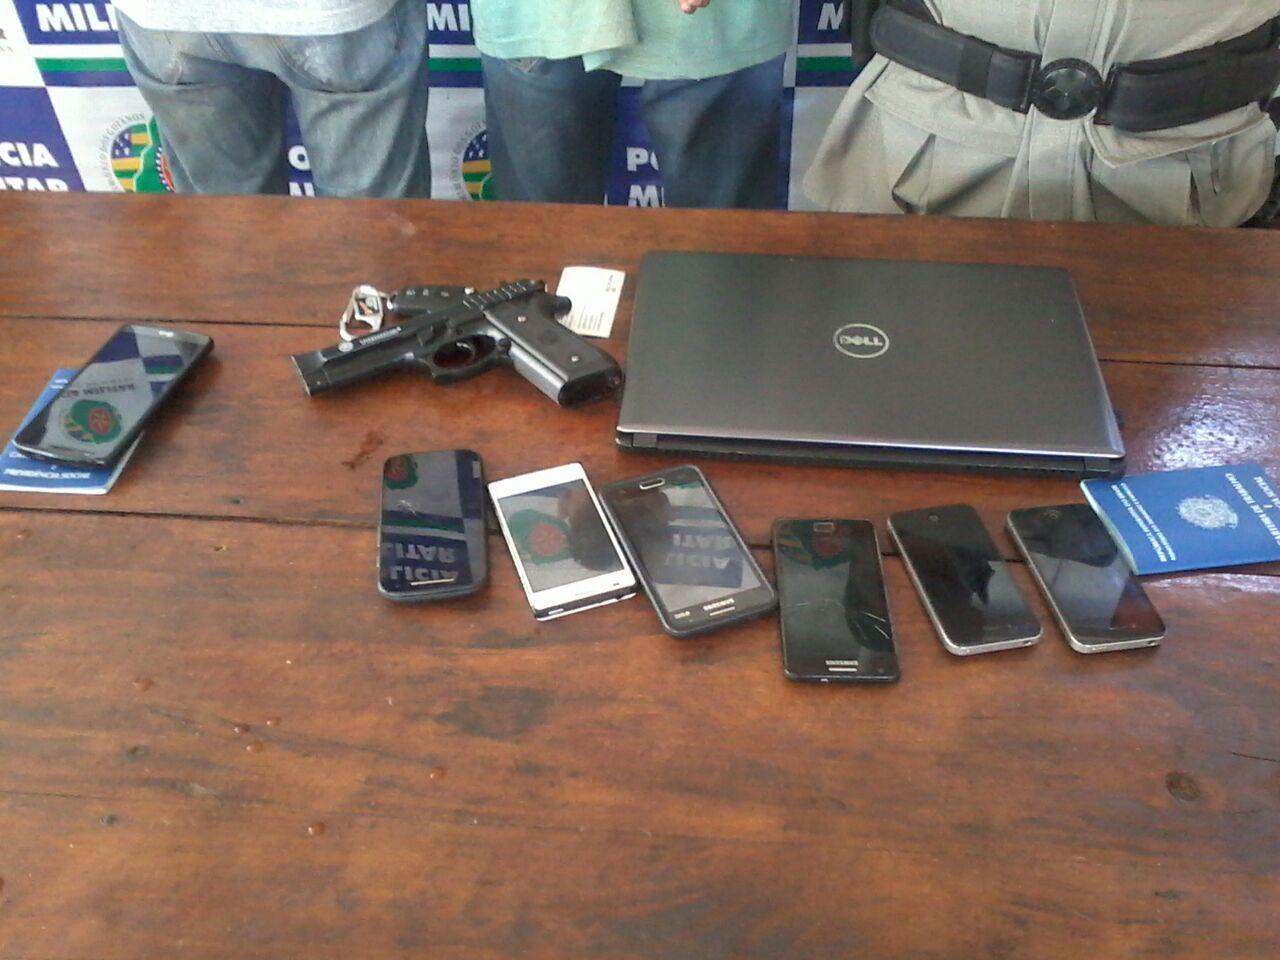 Menores são apreendidos suspeitos de diversos roubos no Madre Germana 1, em Goiânia